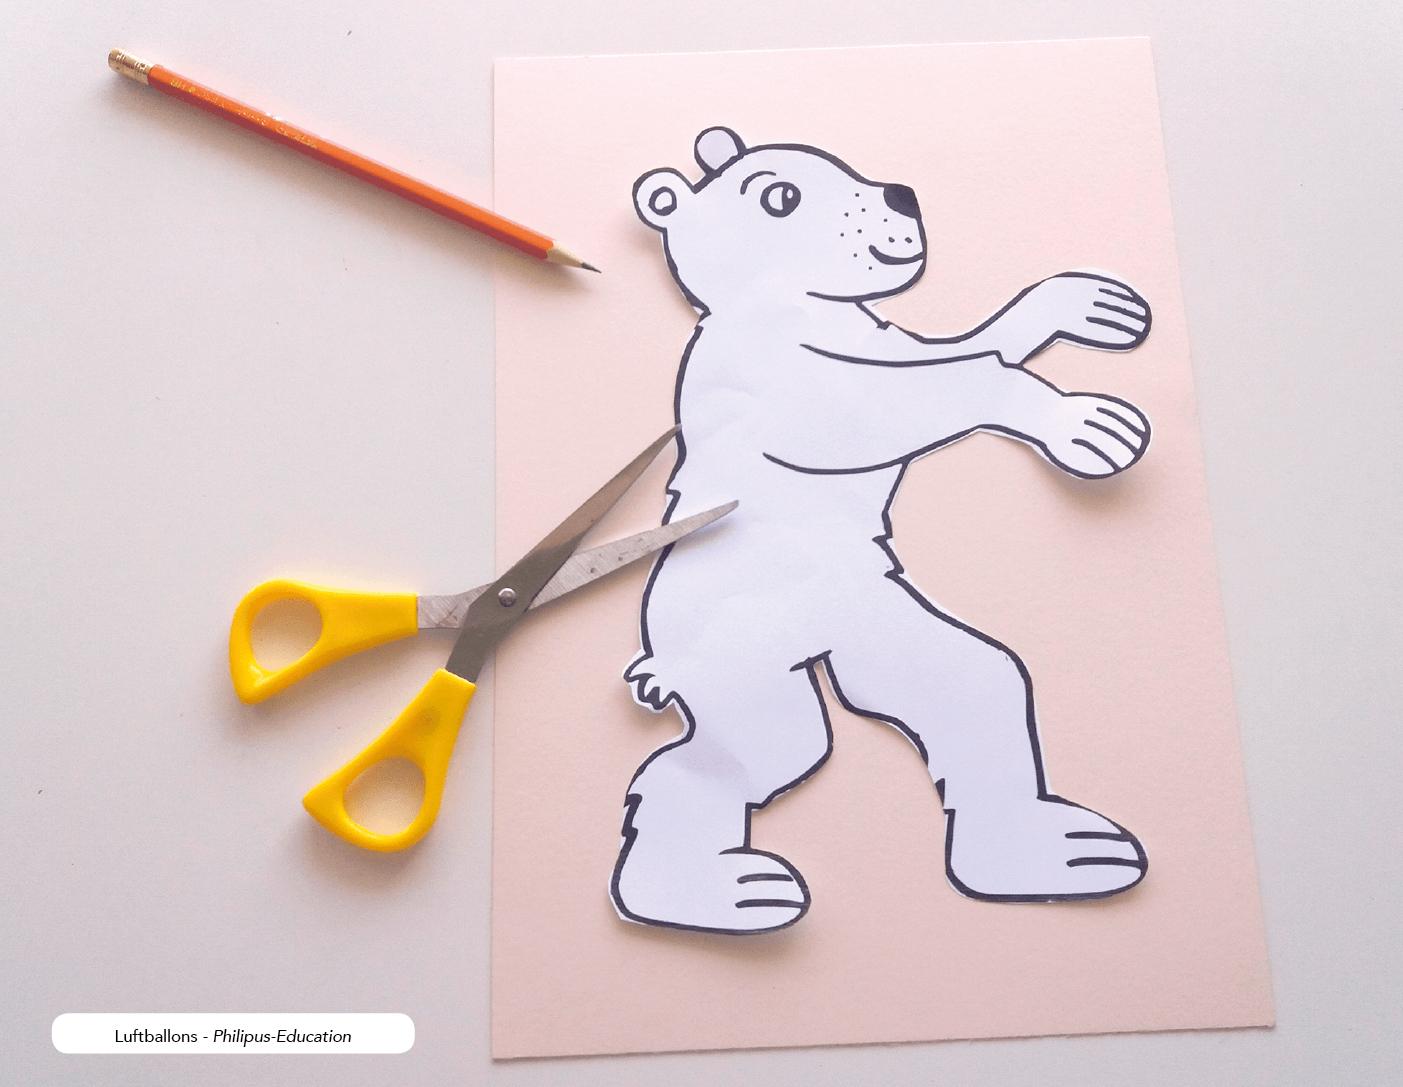 Den Bären ausschneiden - er dient als Schablone (mehrere Kinder können sich eine Schablone teilen)